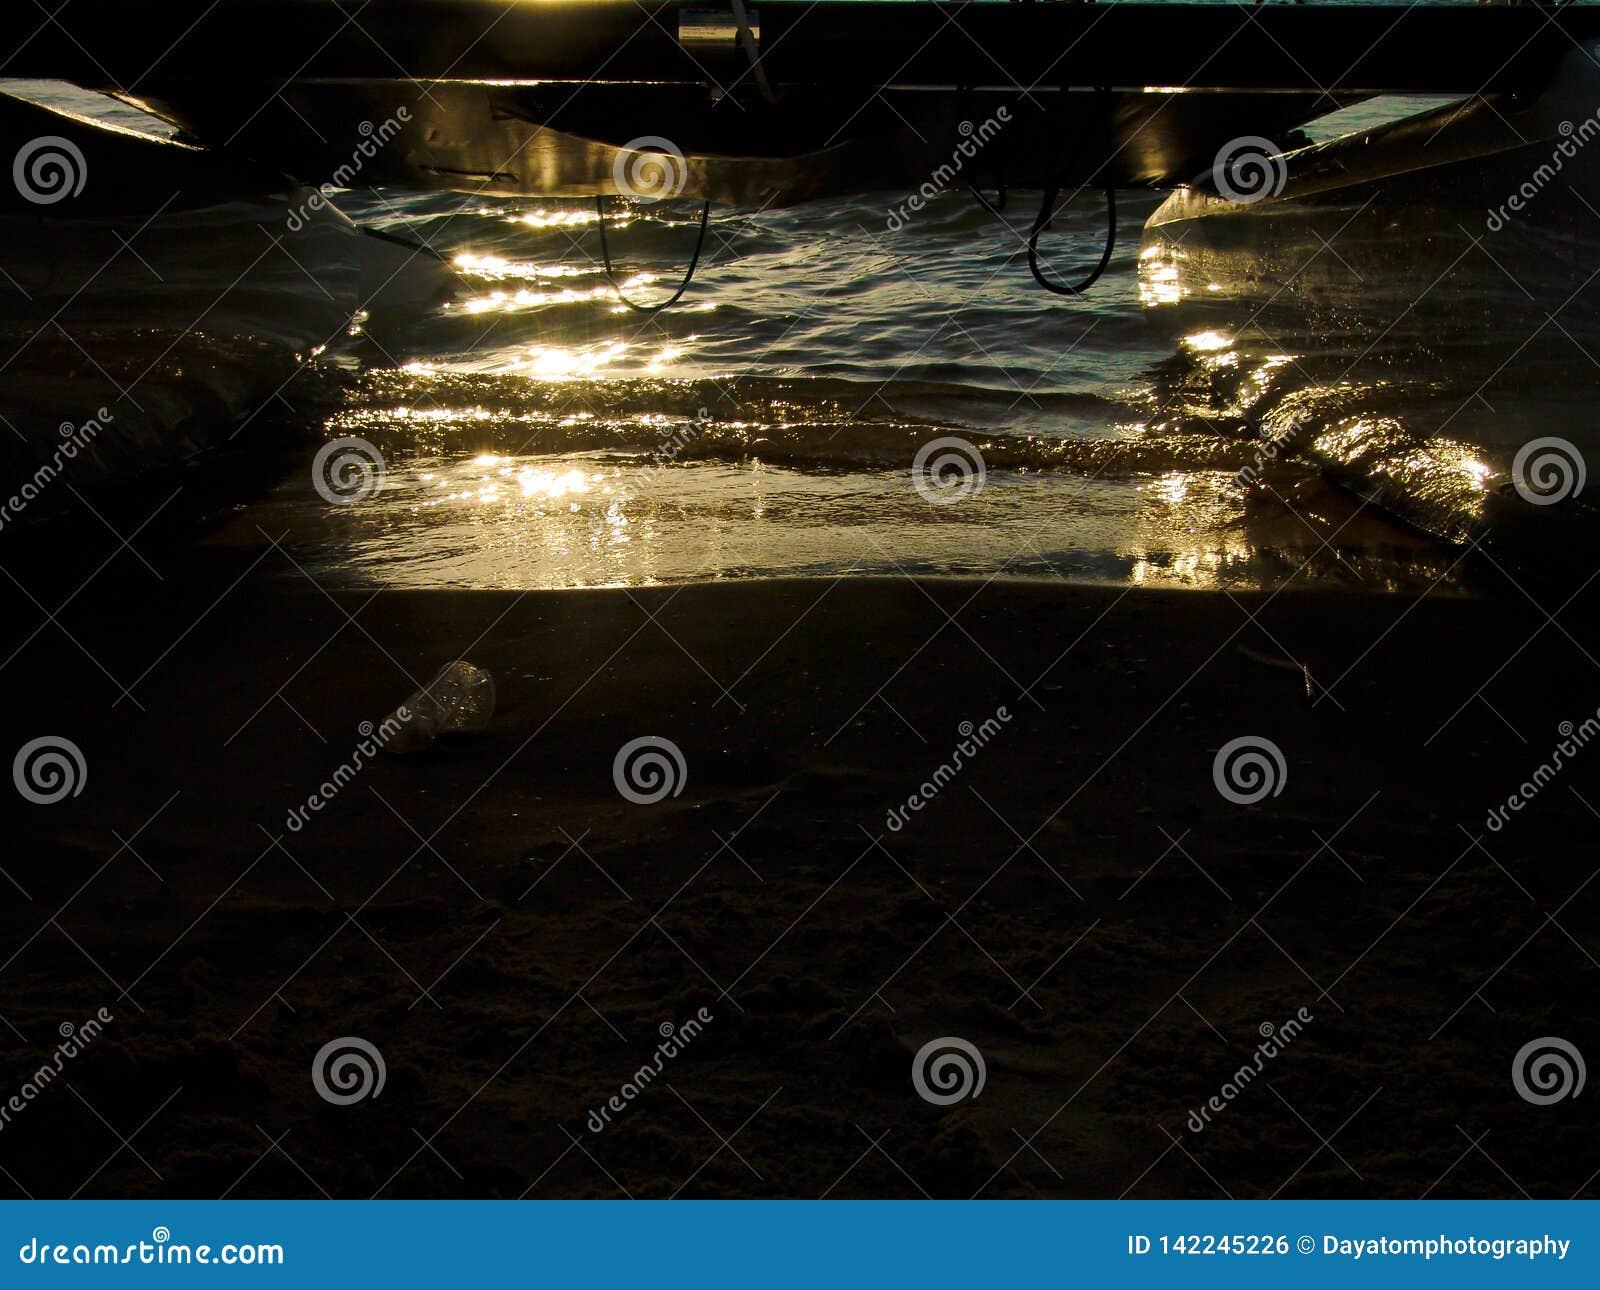 Reflexión de la puesta del sol en la arena mojada sobre una playa arenosa en el océano, debajo de un barco del tablero de resaca